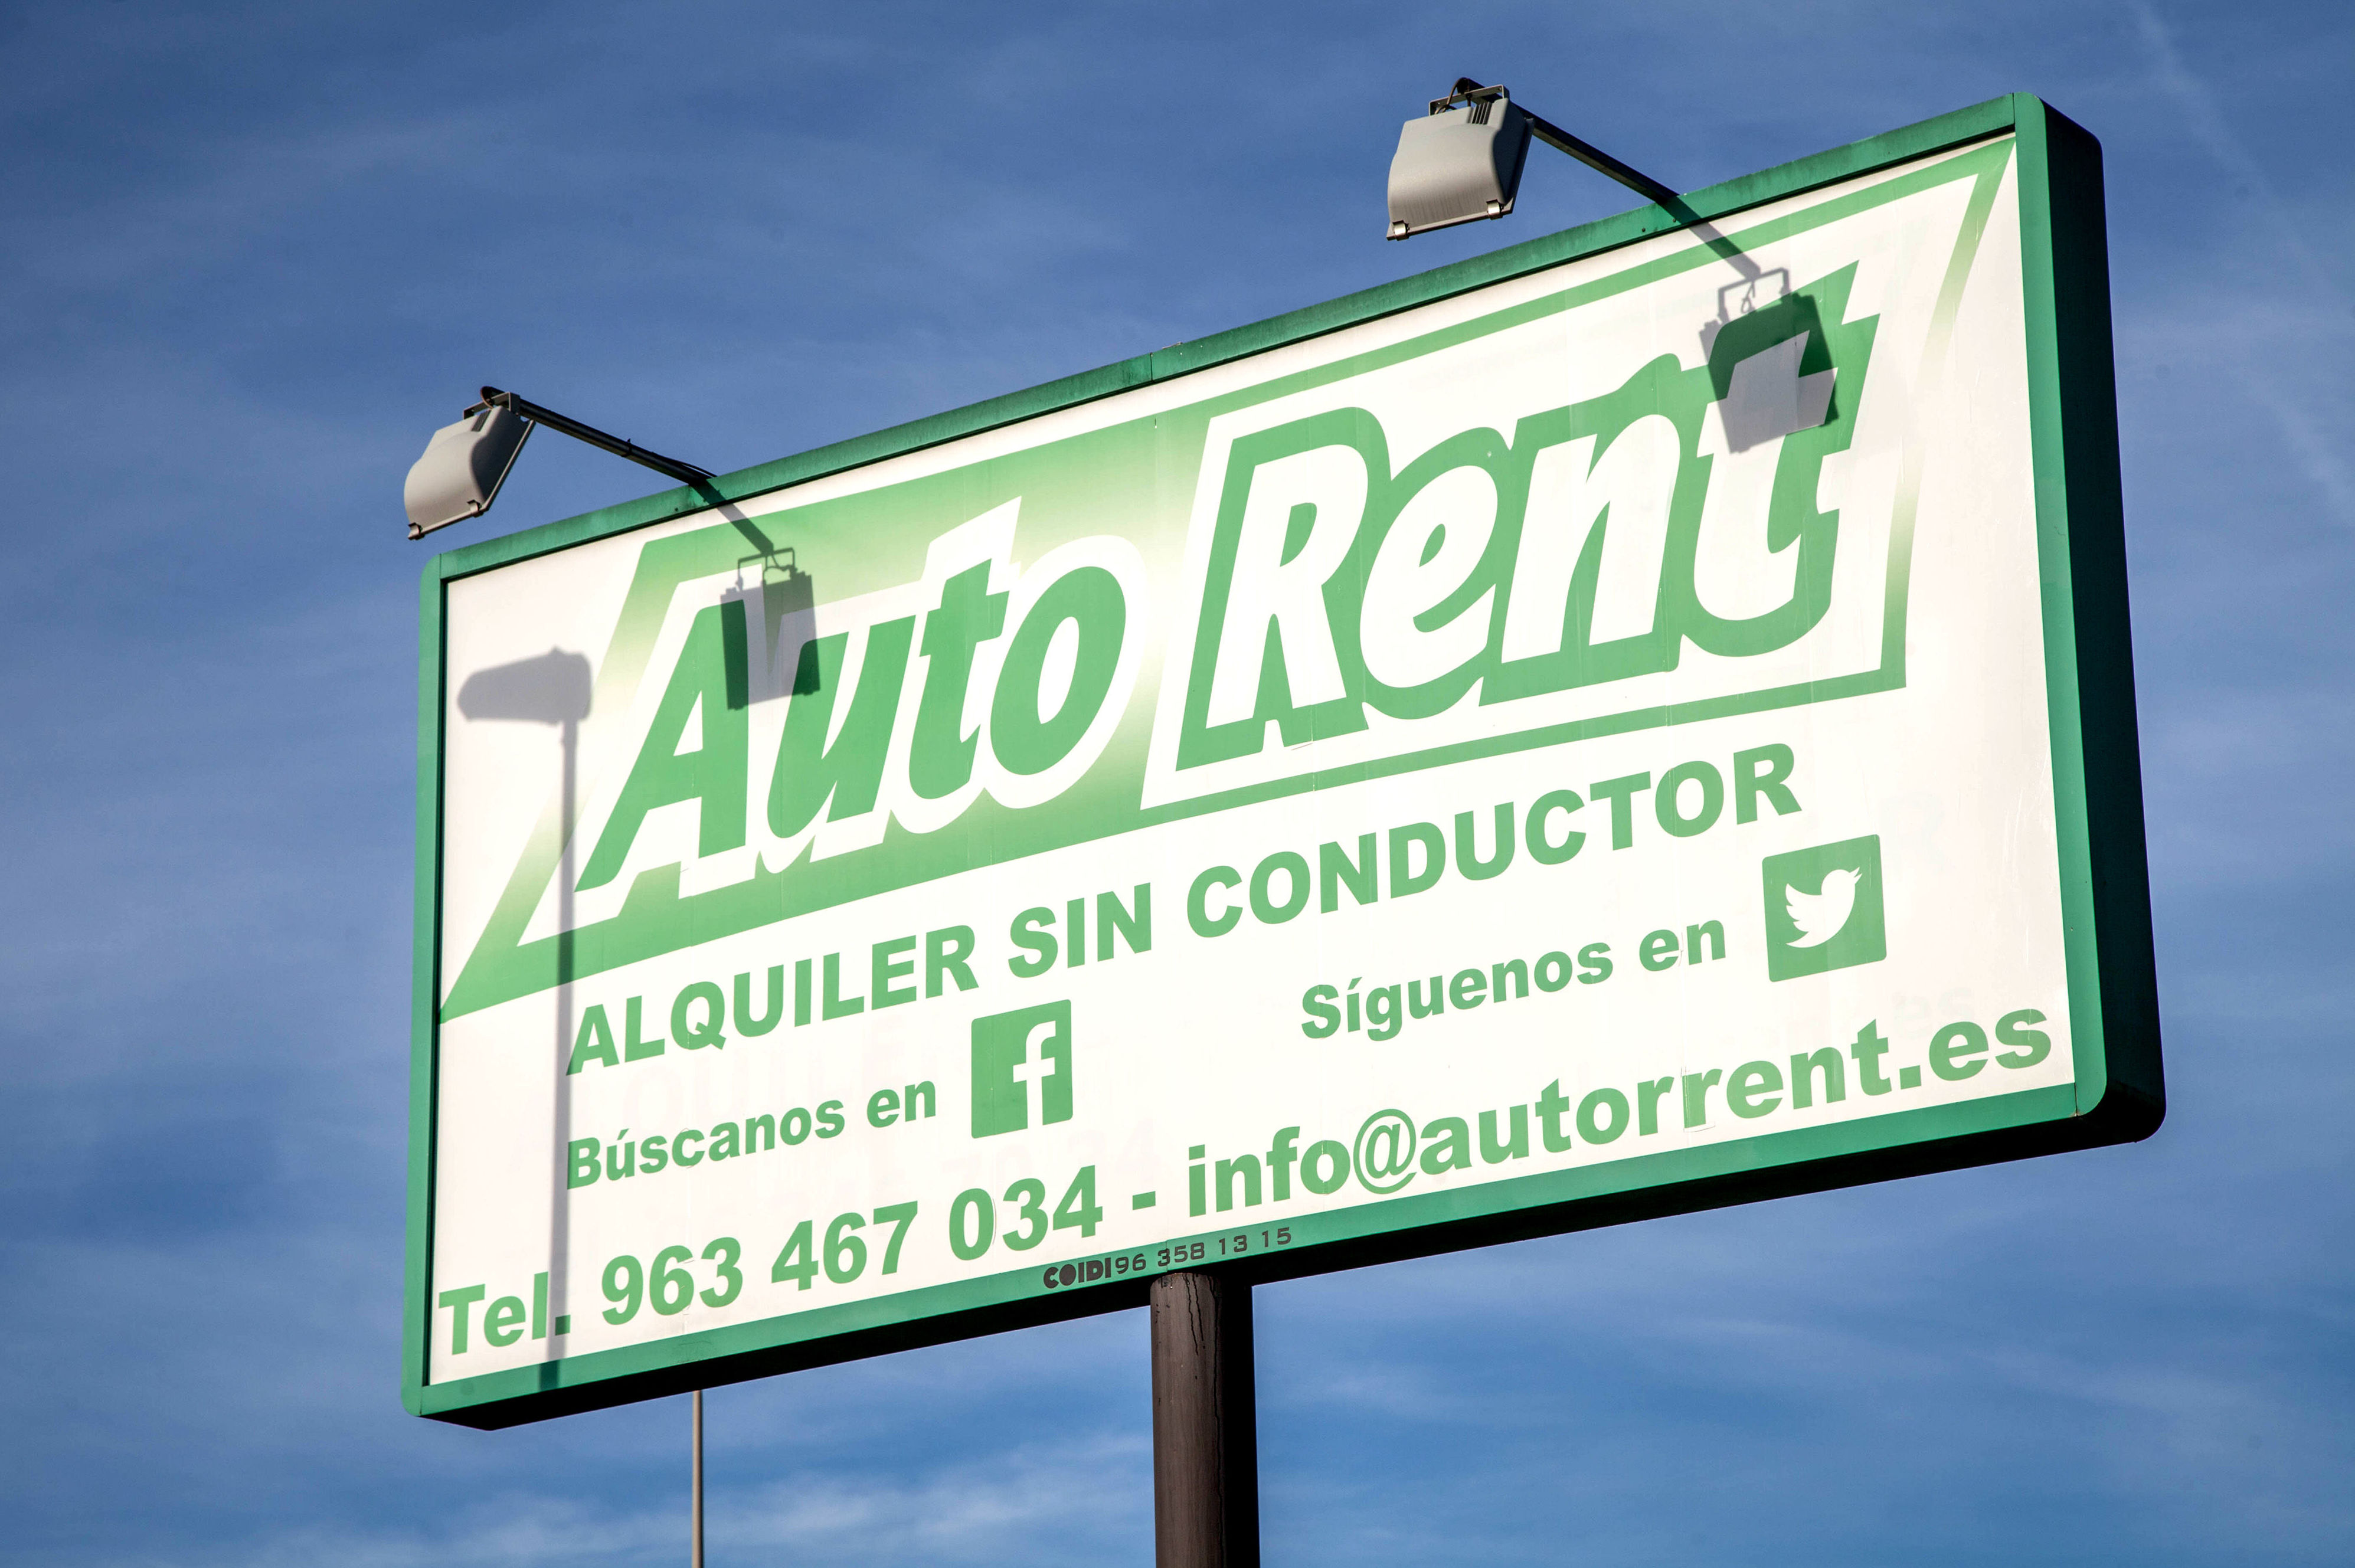 Empresas de alquiler de vehículos en Valencia